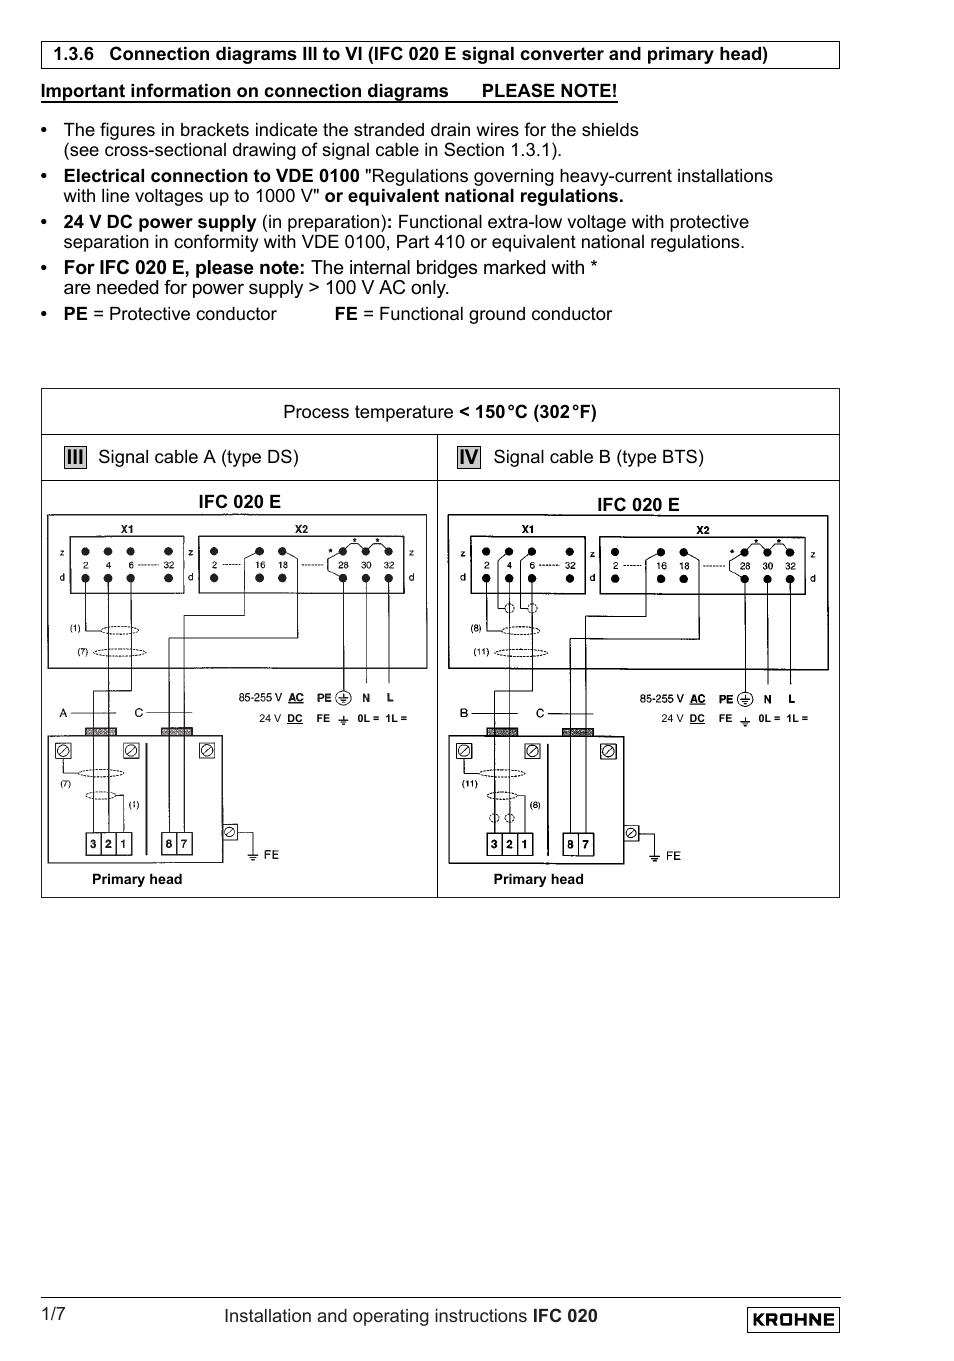 Krohne Ifc 020 Converter En User Manual